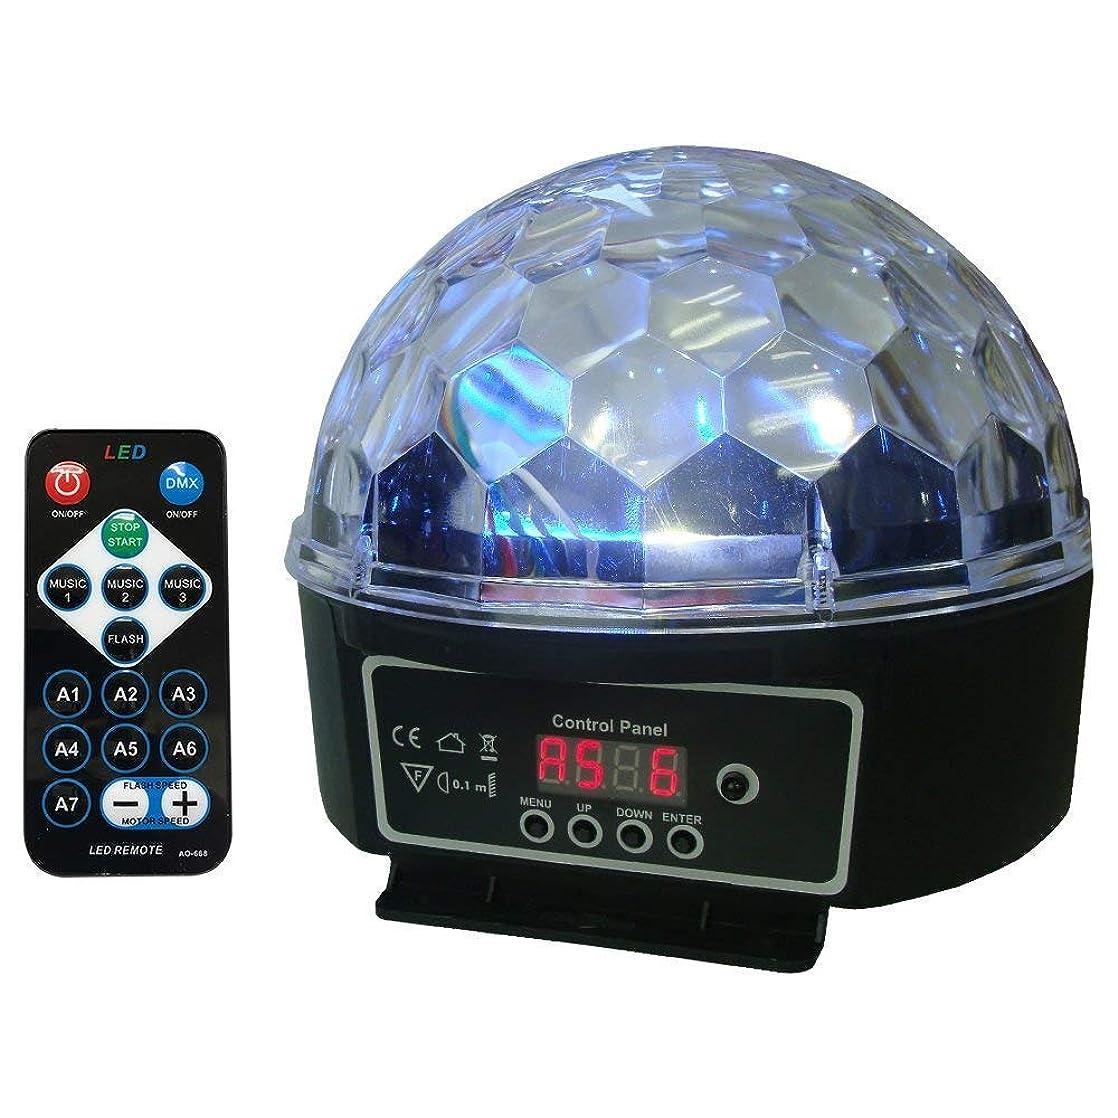 休憩患者効率的にステージライト LEDミラーボール LS-62 DMX対応 サウンドアクティブ